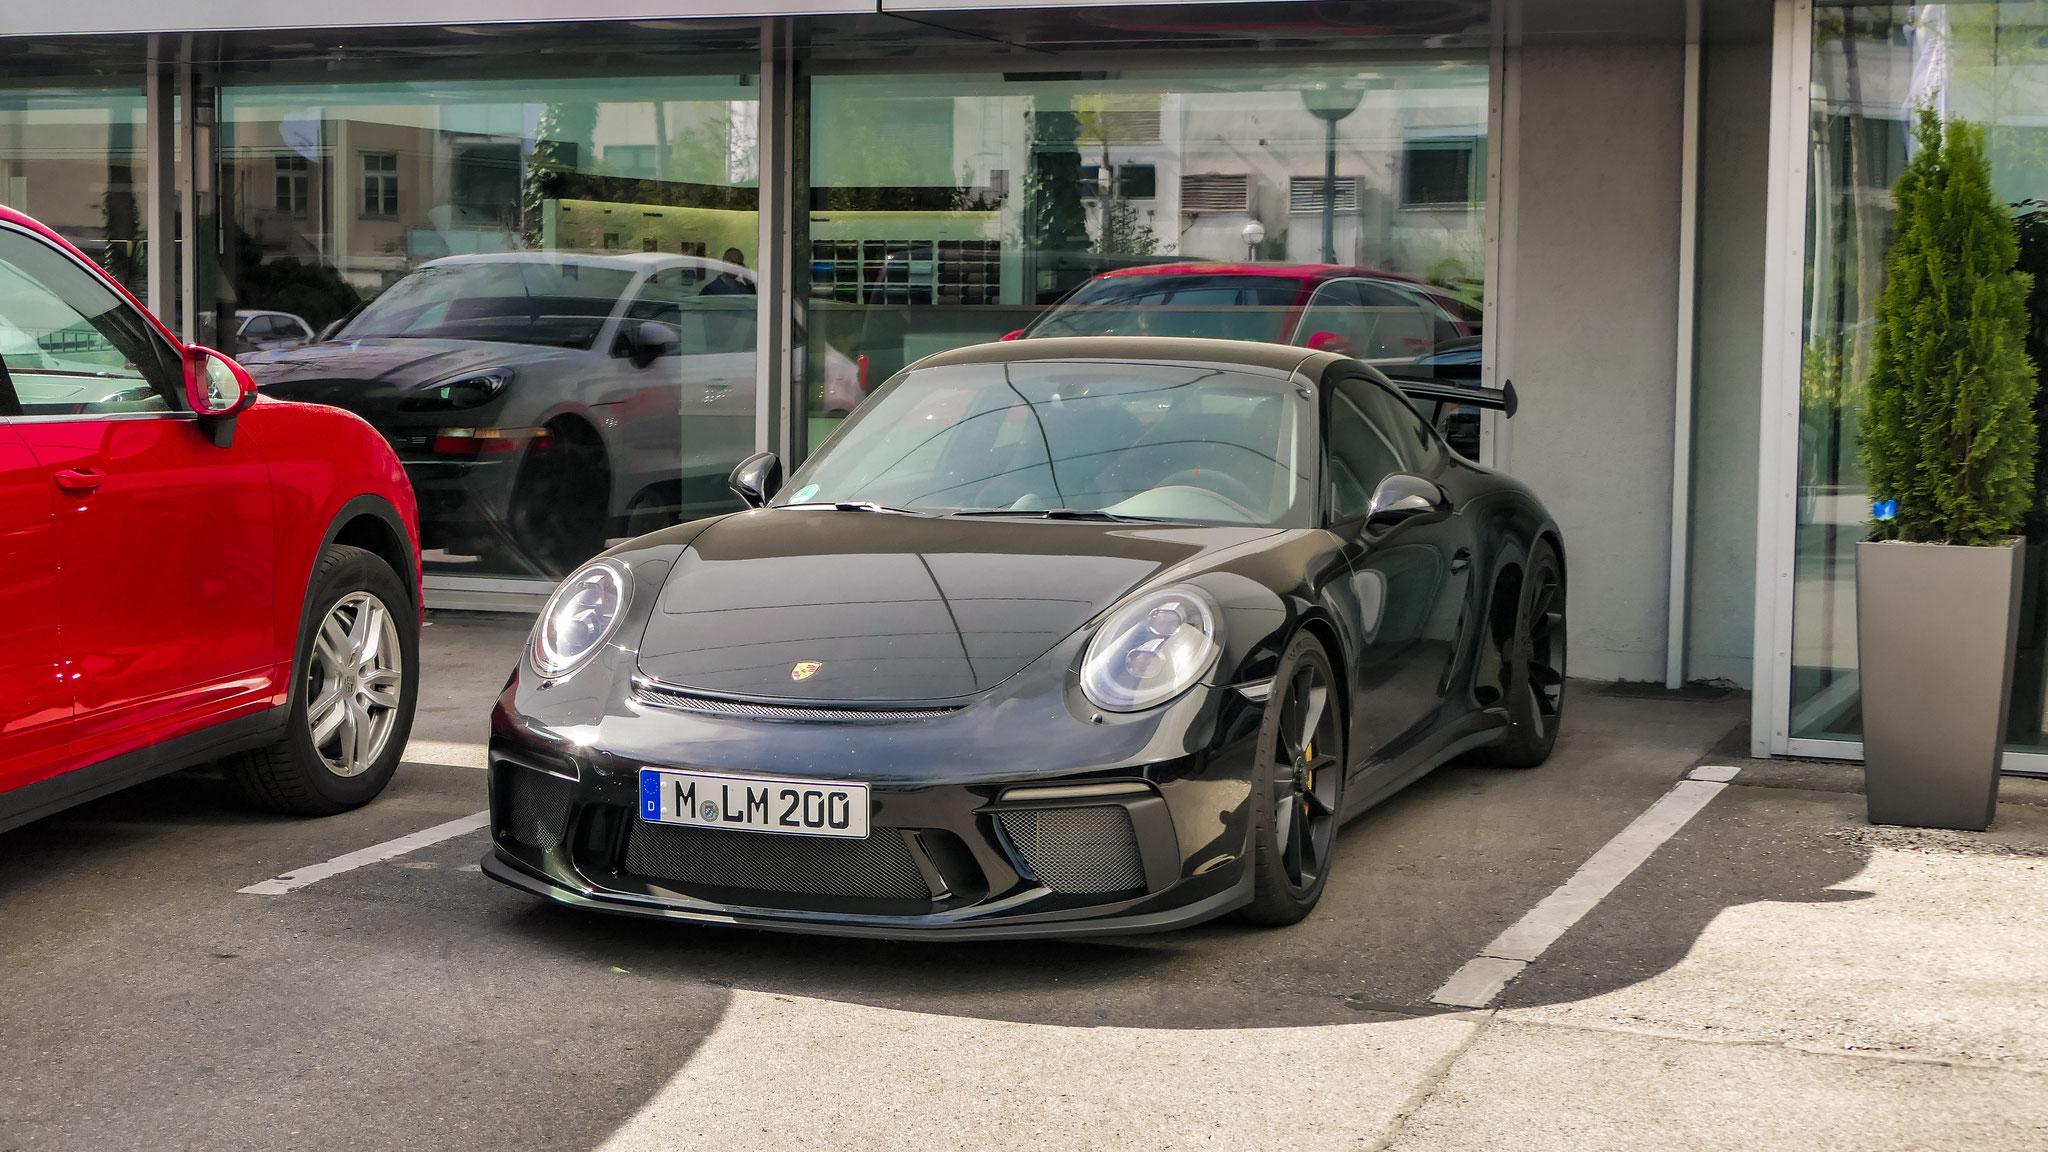 Porsche 991 GT3 - M-LM-200